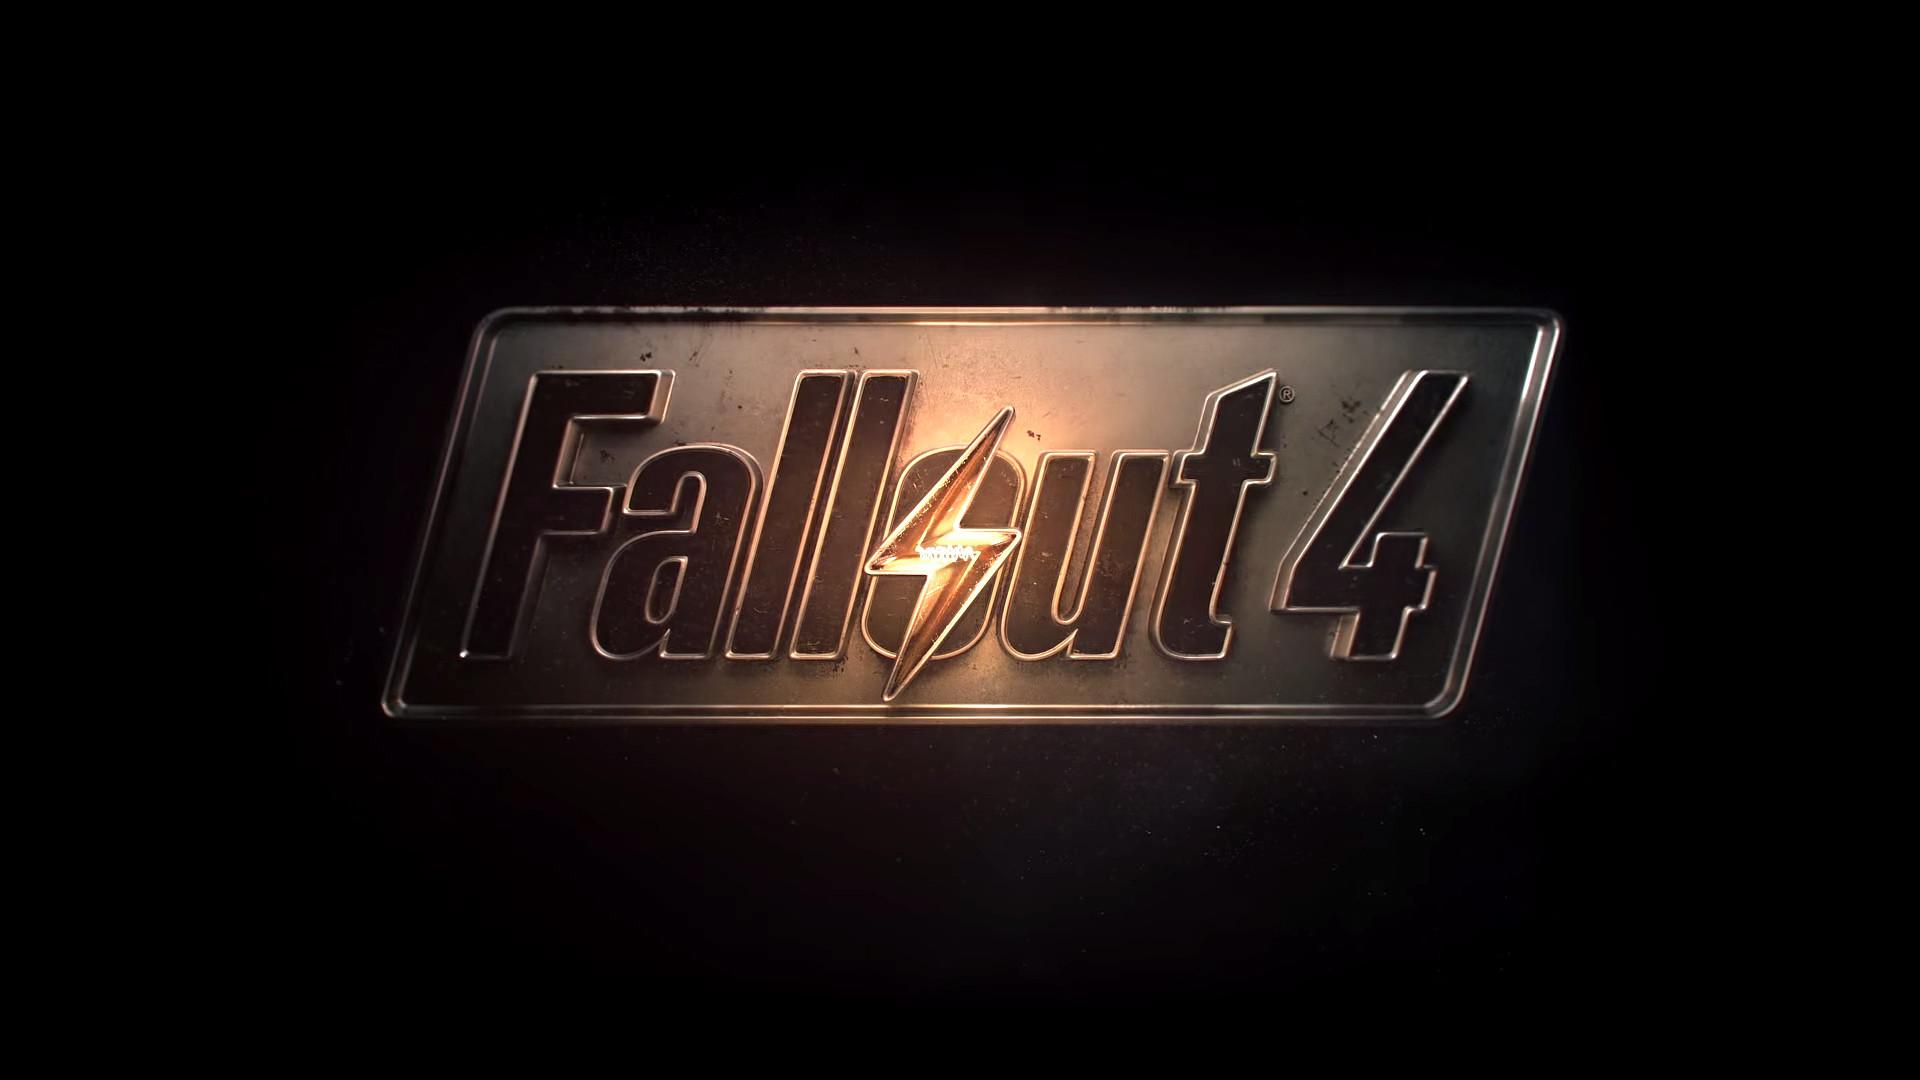 Fallout 4 hd desktop